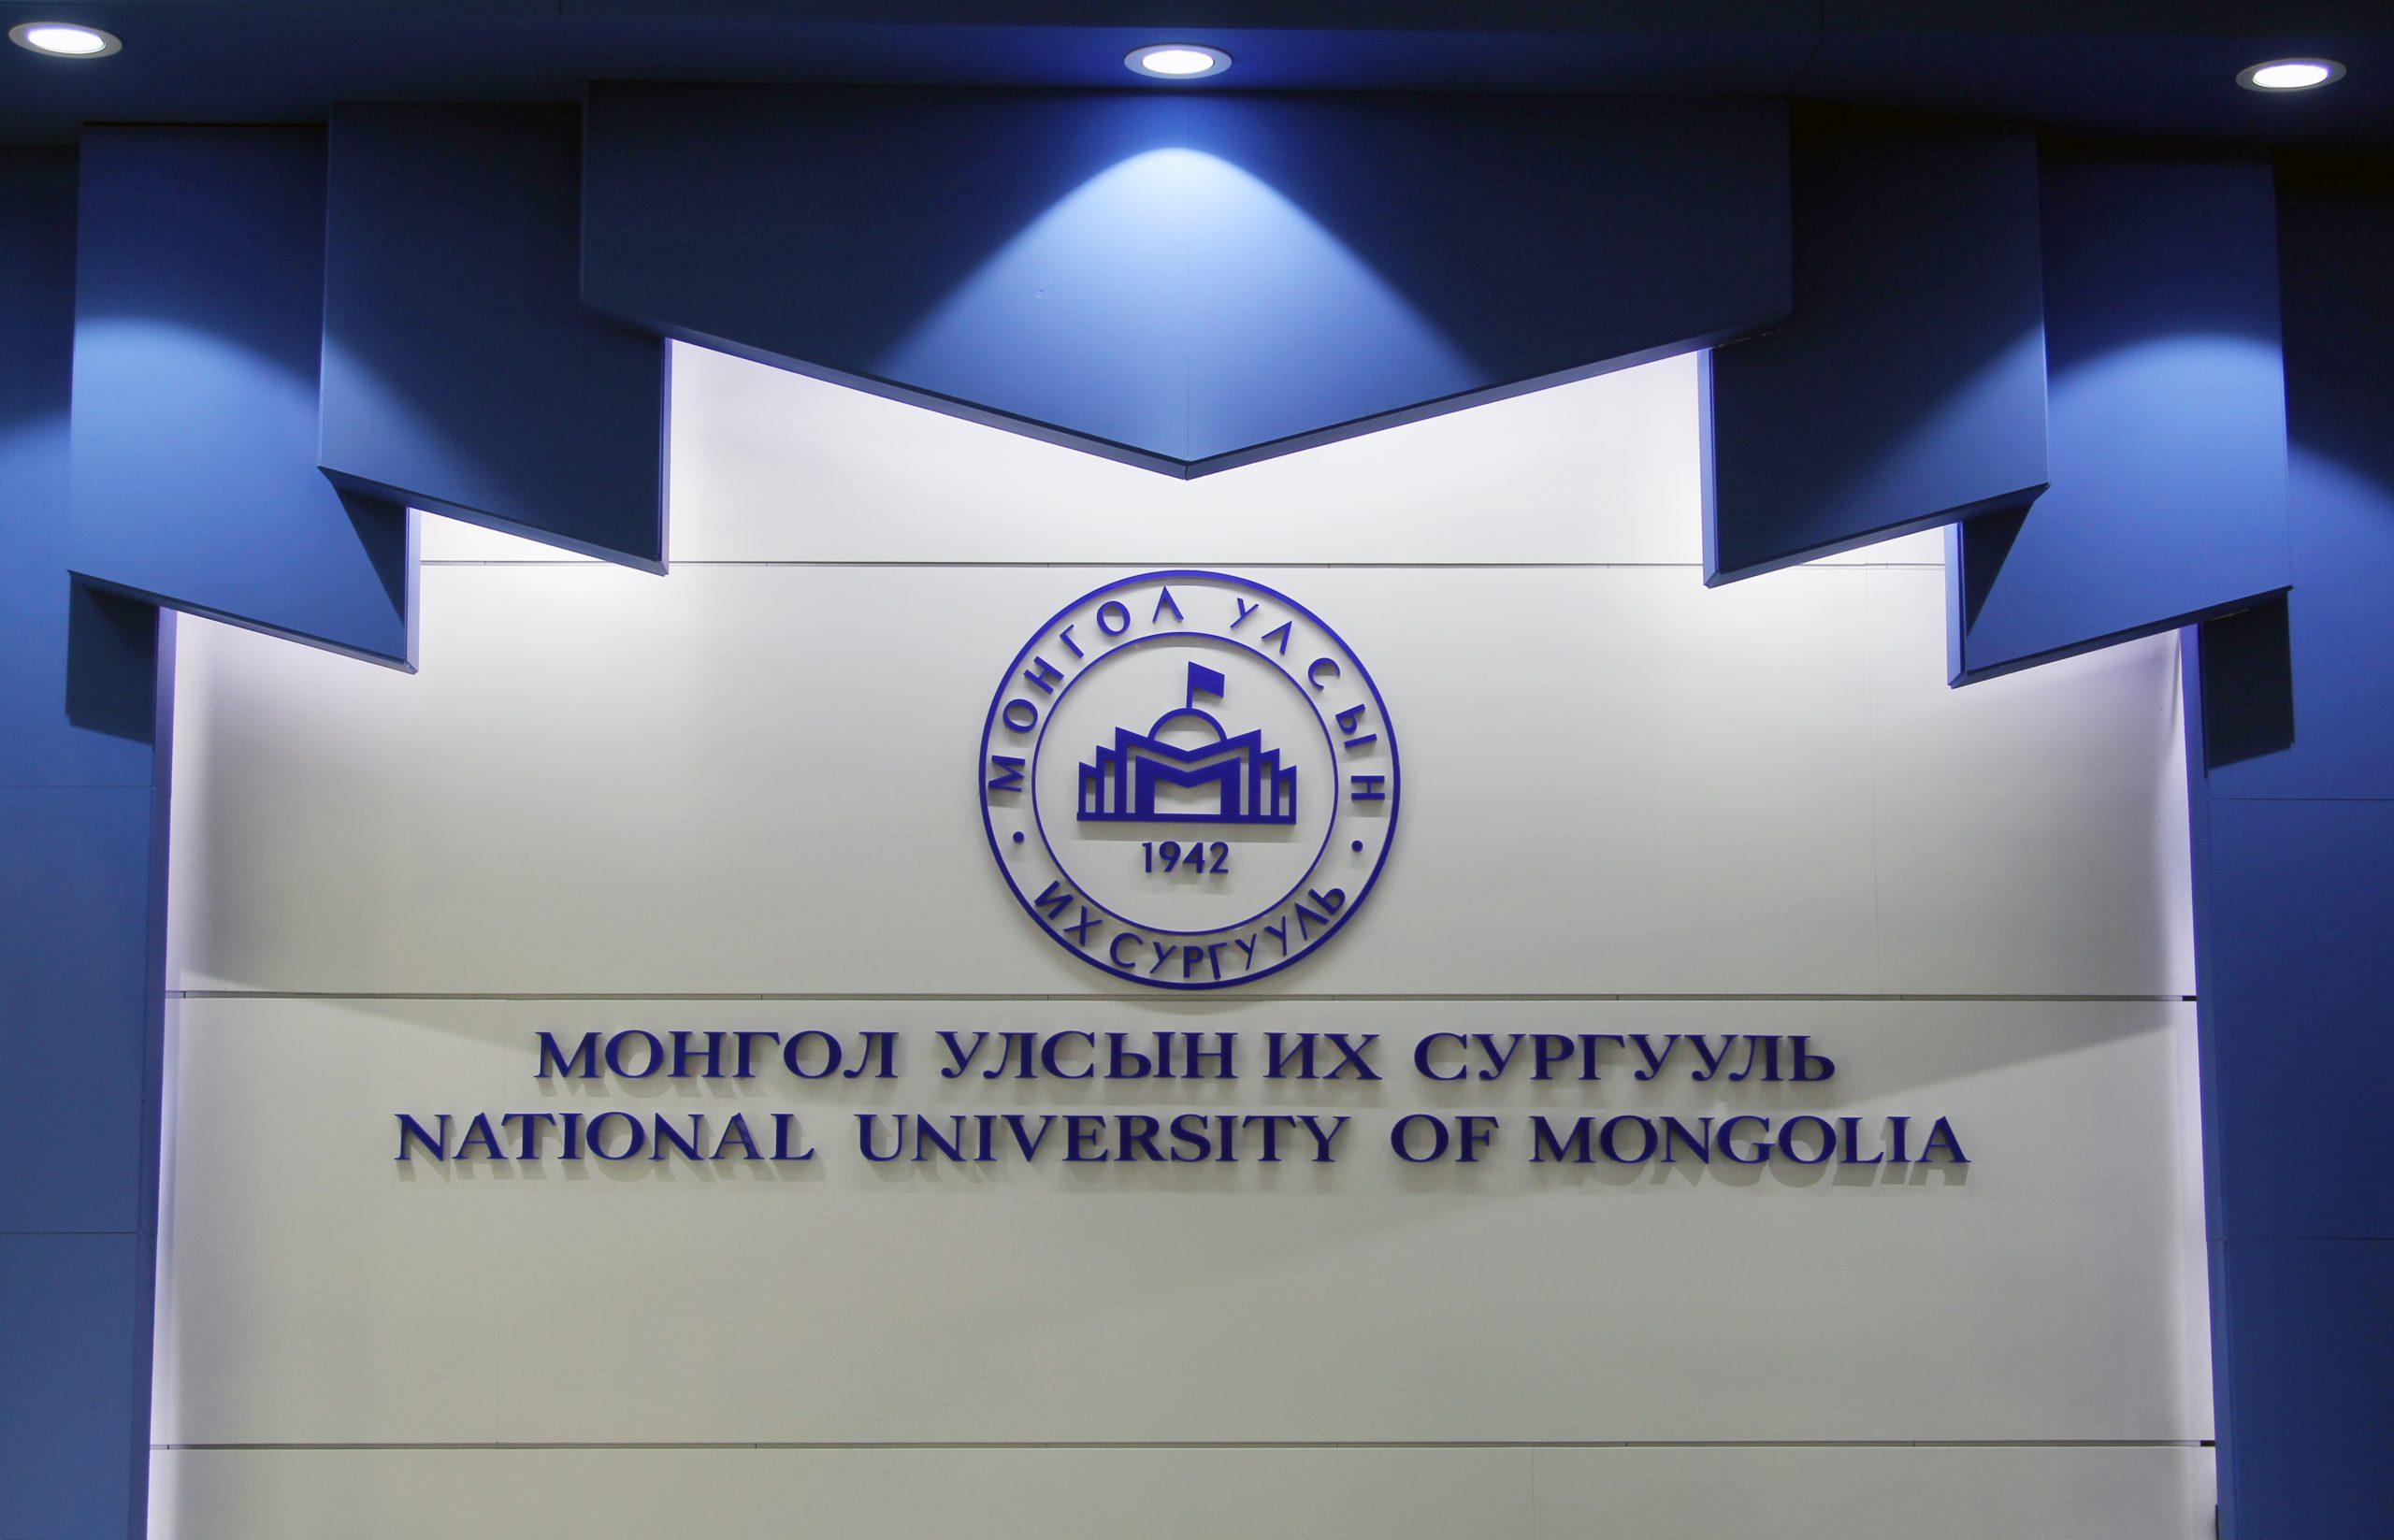 Монгол Улсын Их Сургуулийн нэр, лого бүхий зураг